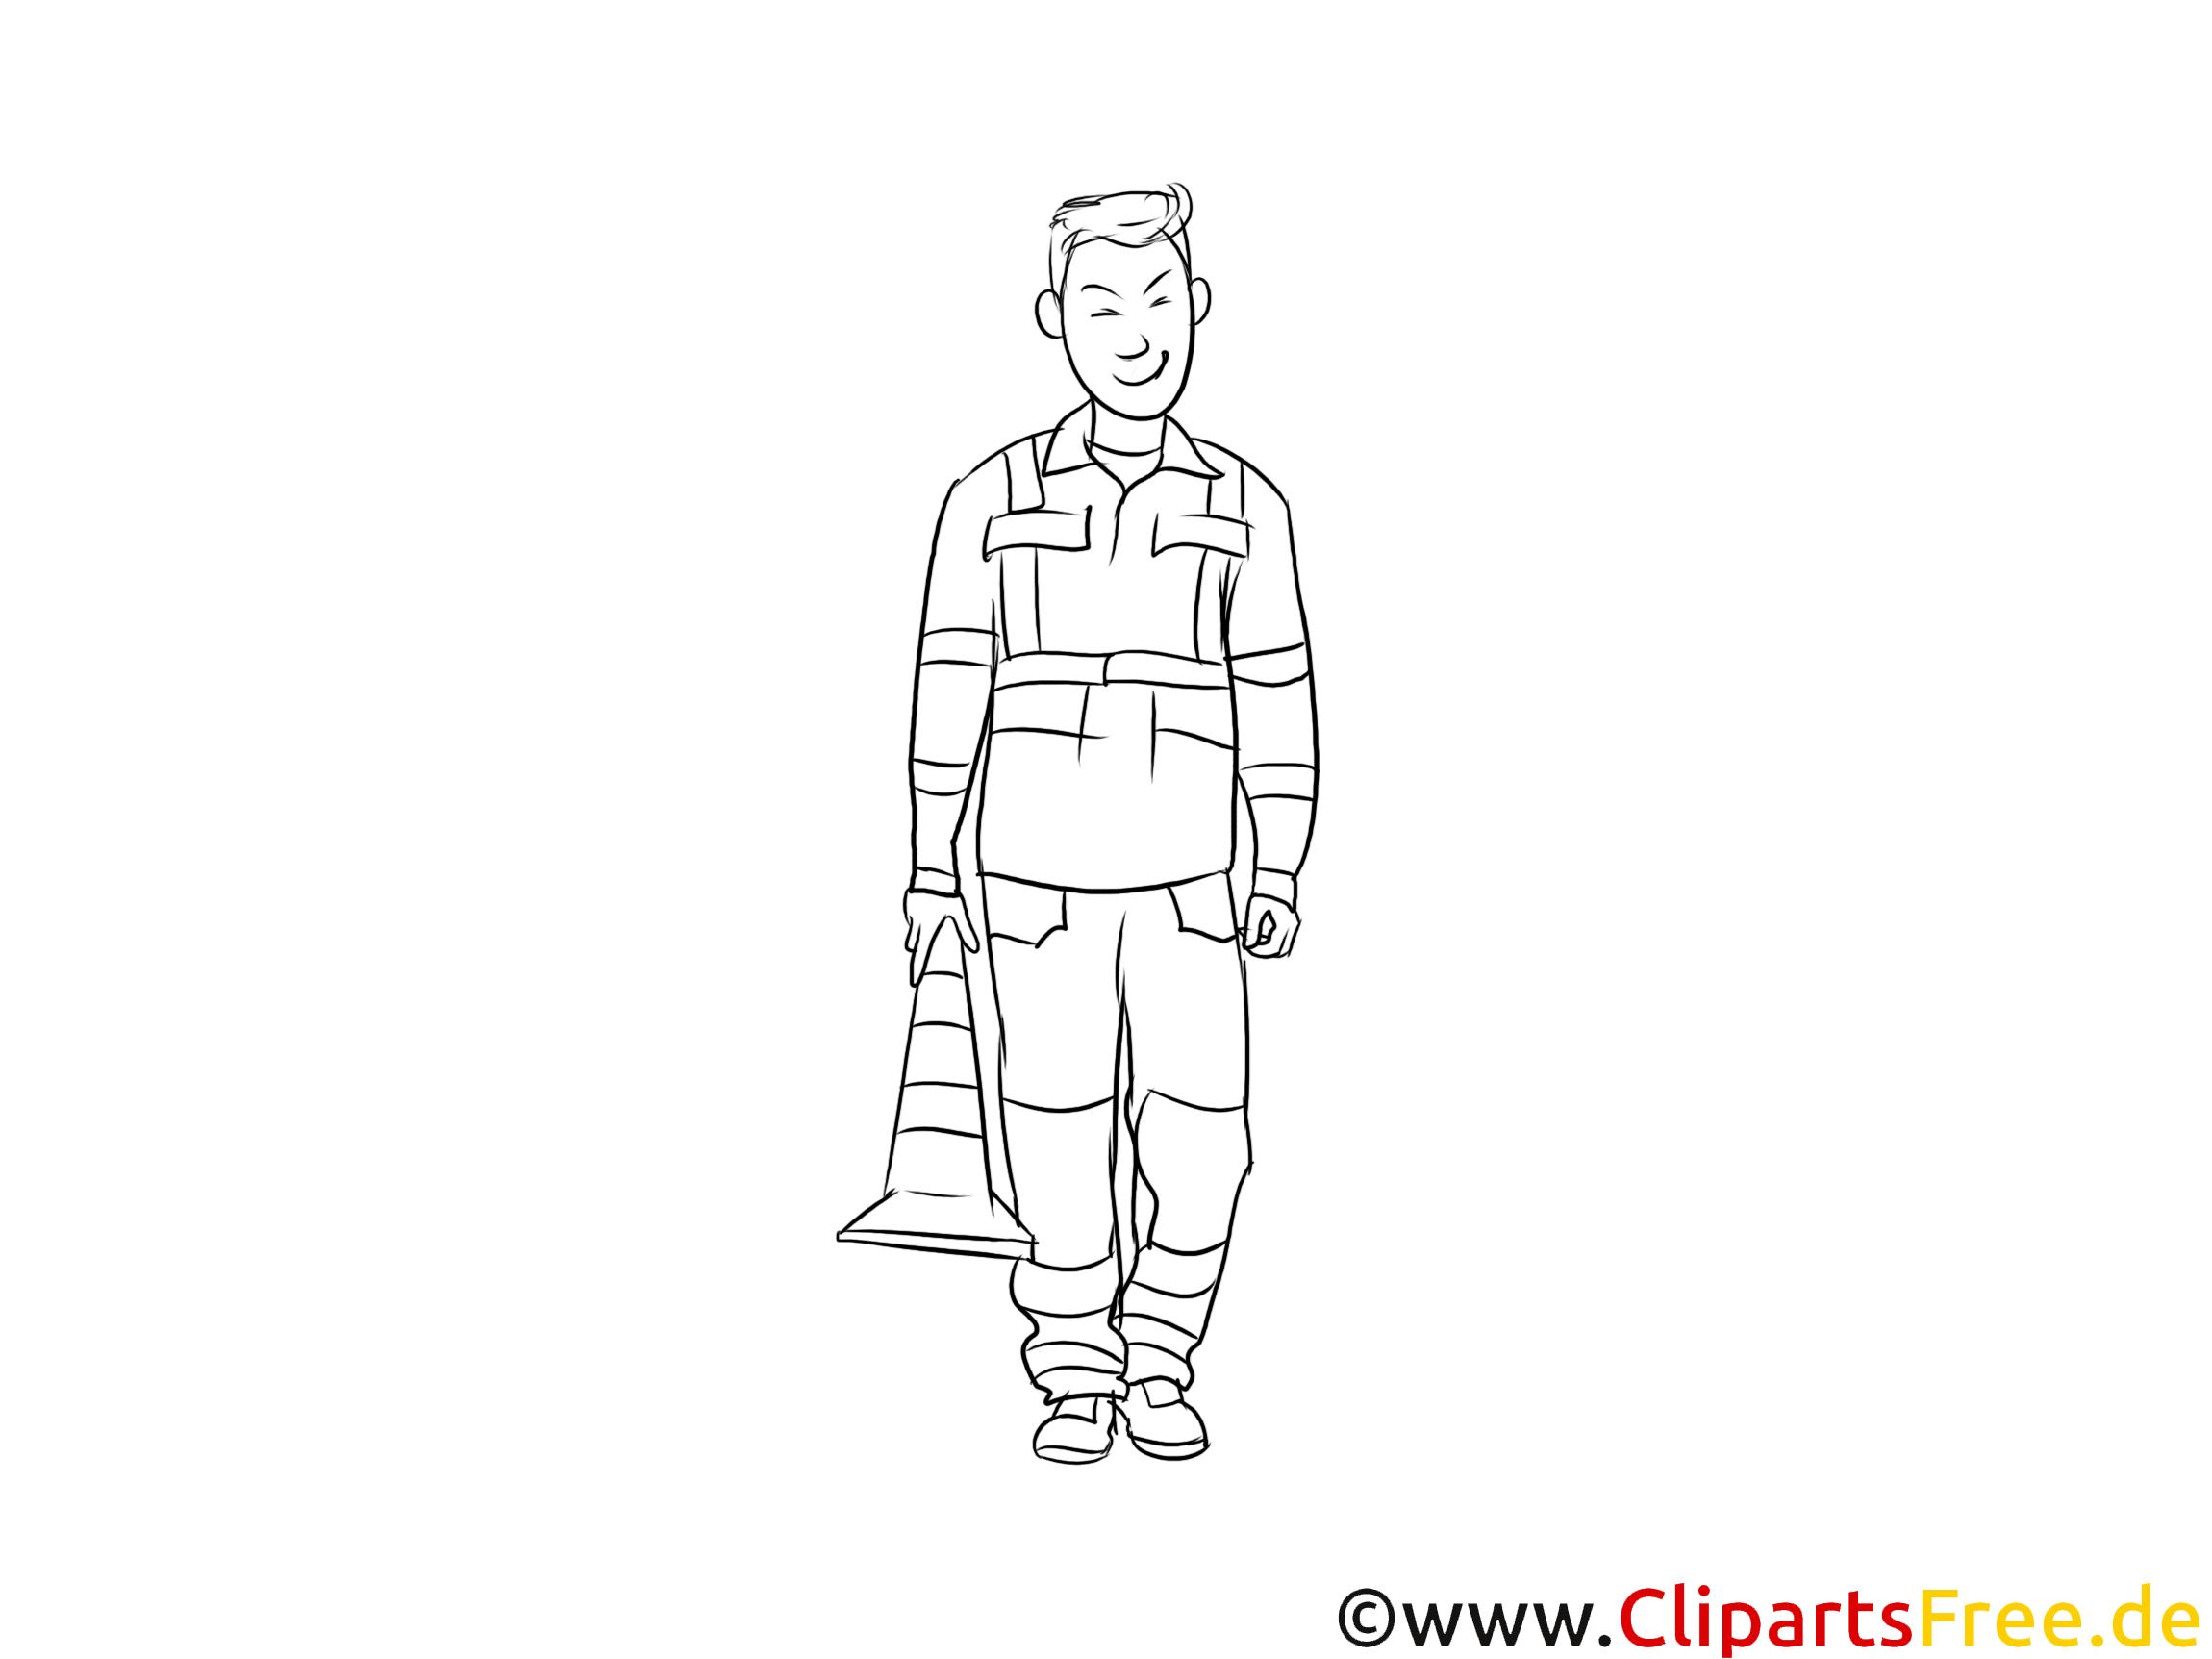 Fachkraft für Straßen- und Verkehrstechnik Clipart, Grafik, Bild schwarz-weiß